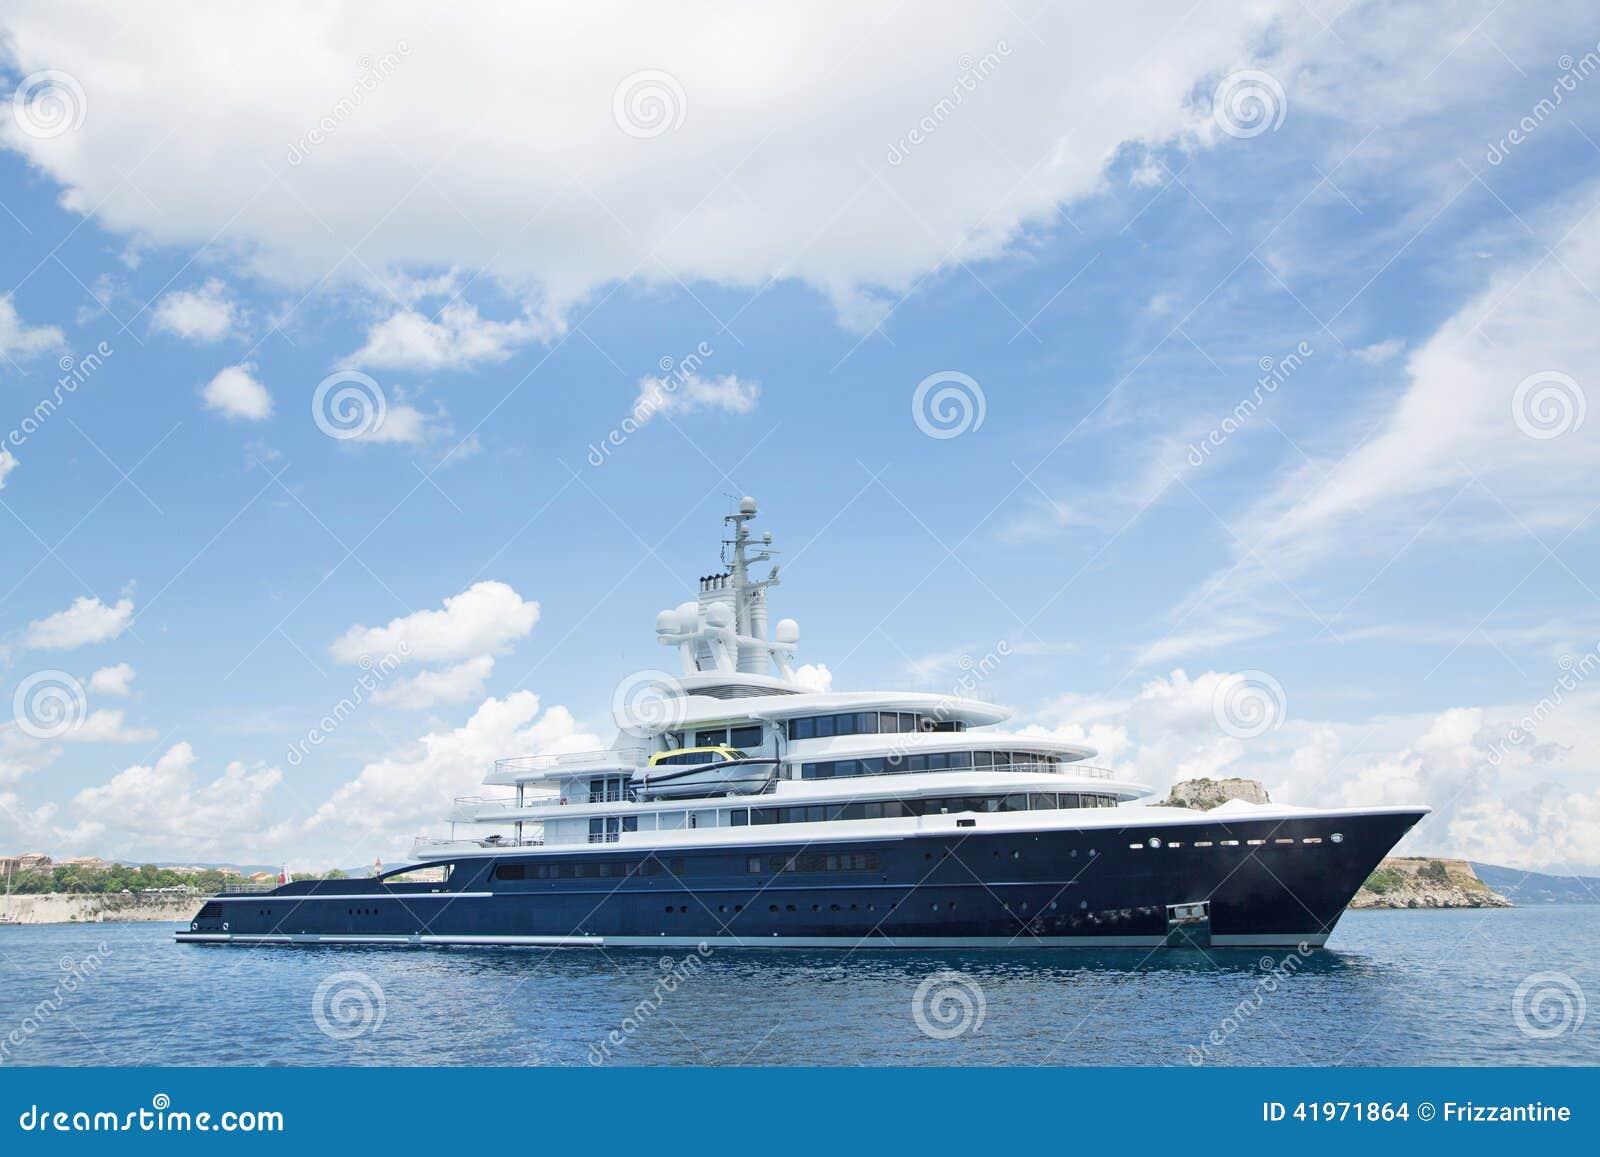 豪华大游轮物语地毯_海军 航母 舰 军事 邮轮 游轮 1300_957